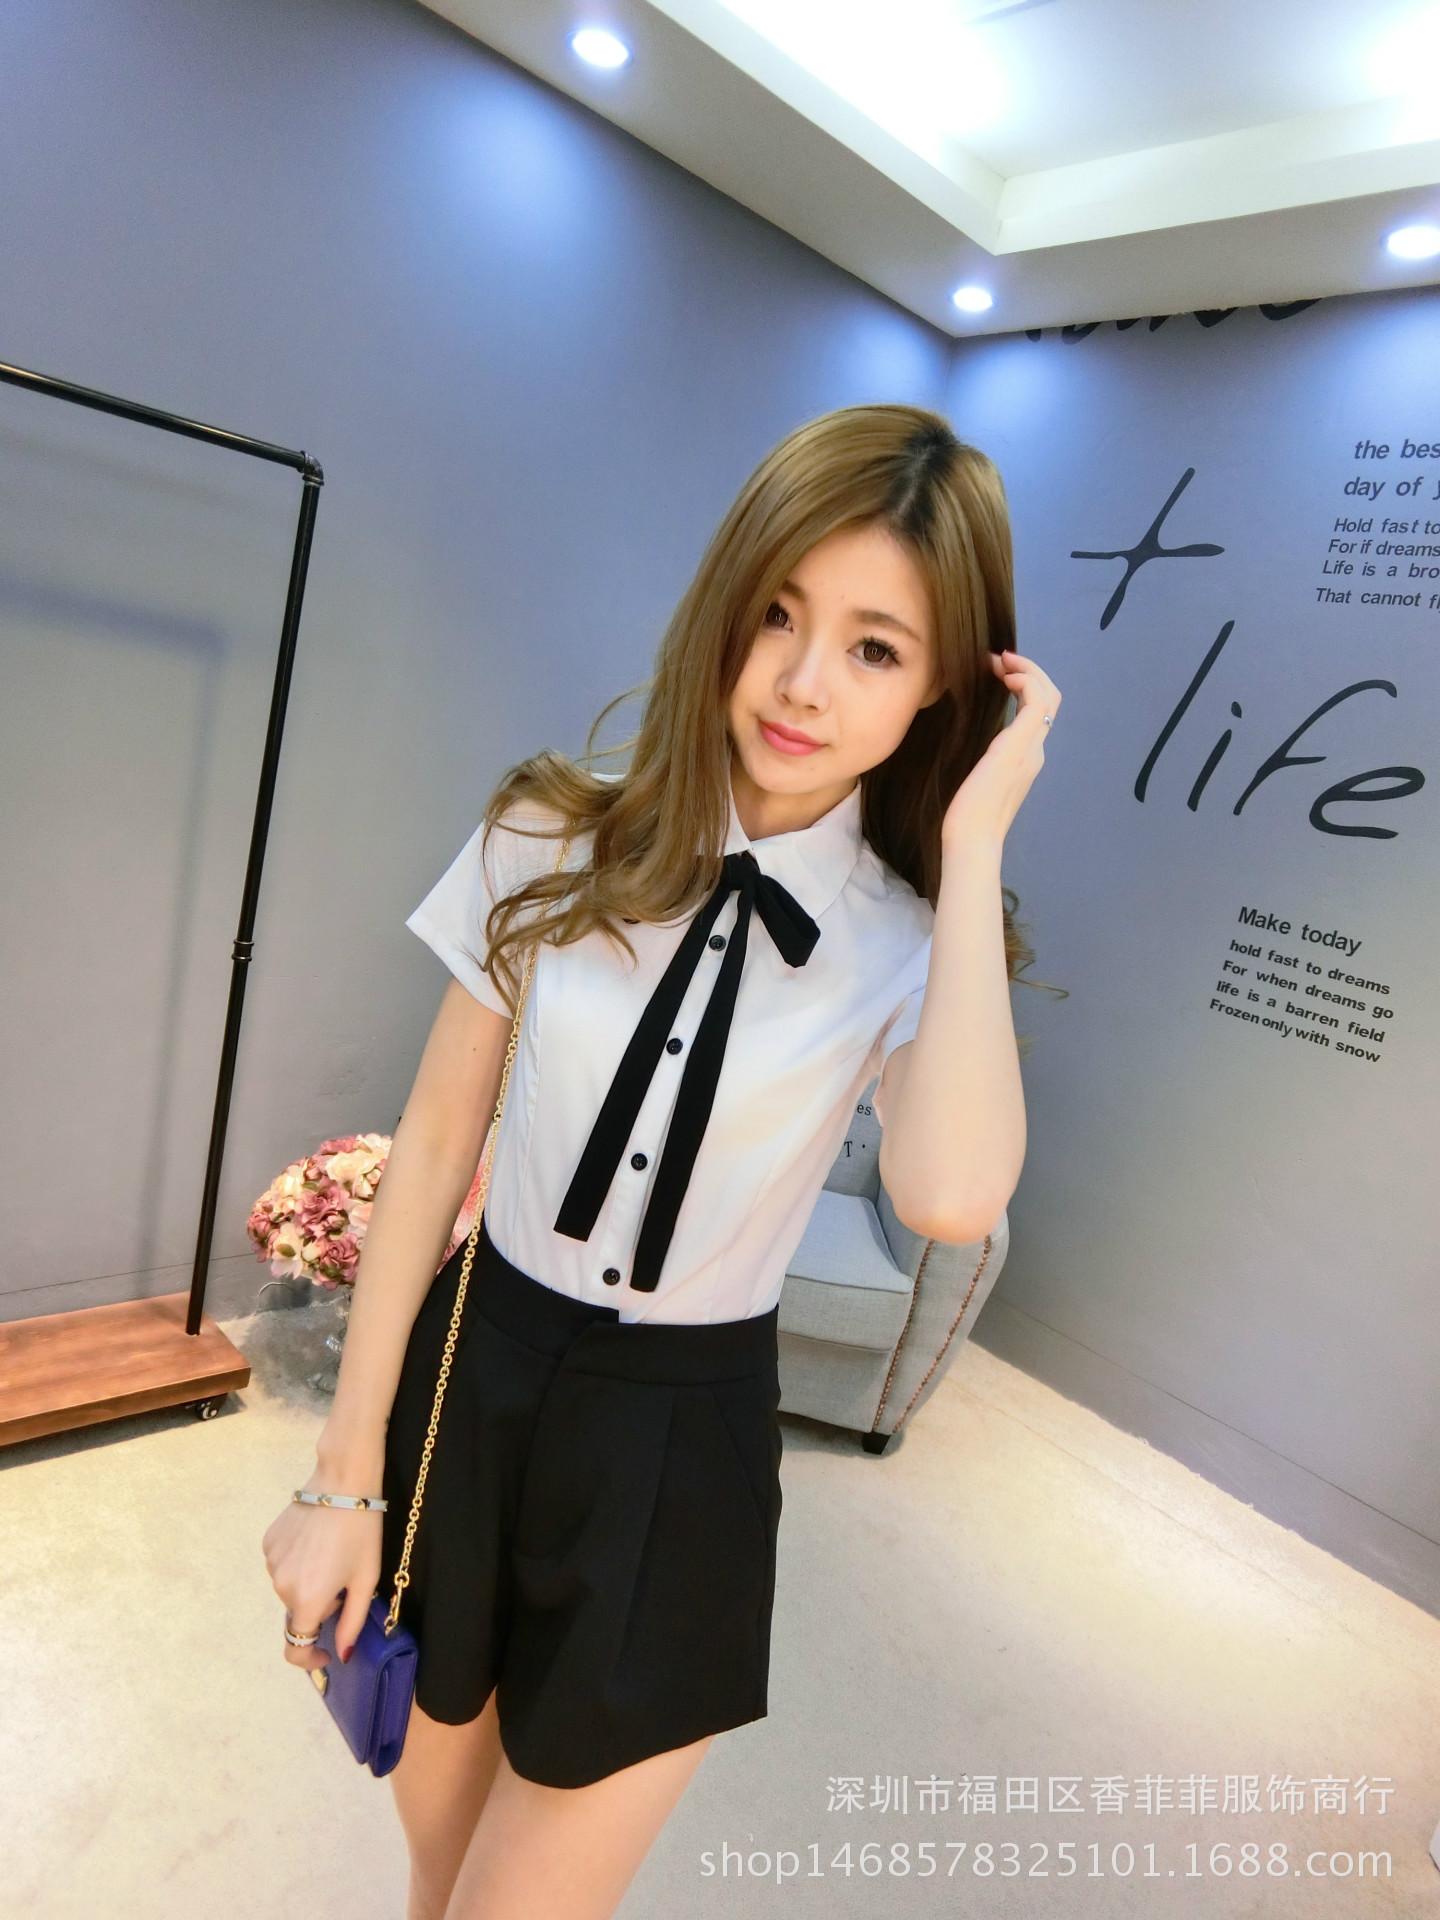 2016年夏季新款韩版修身白衬衫女短袖衬衣领黑色领结衬衫工作服